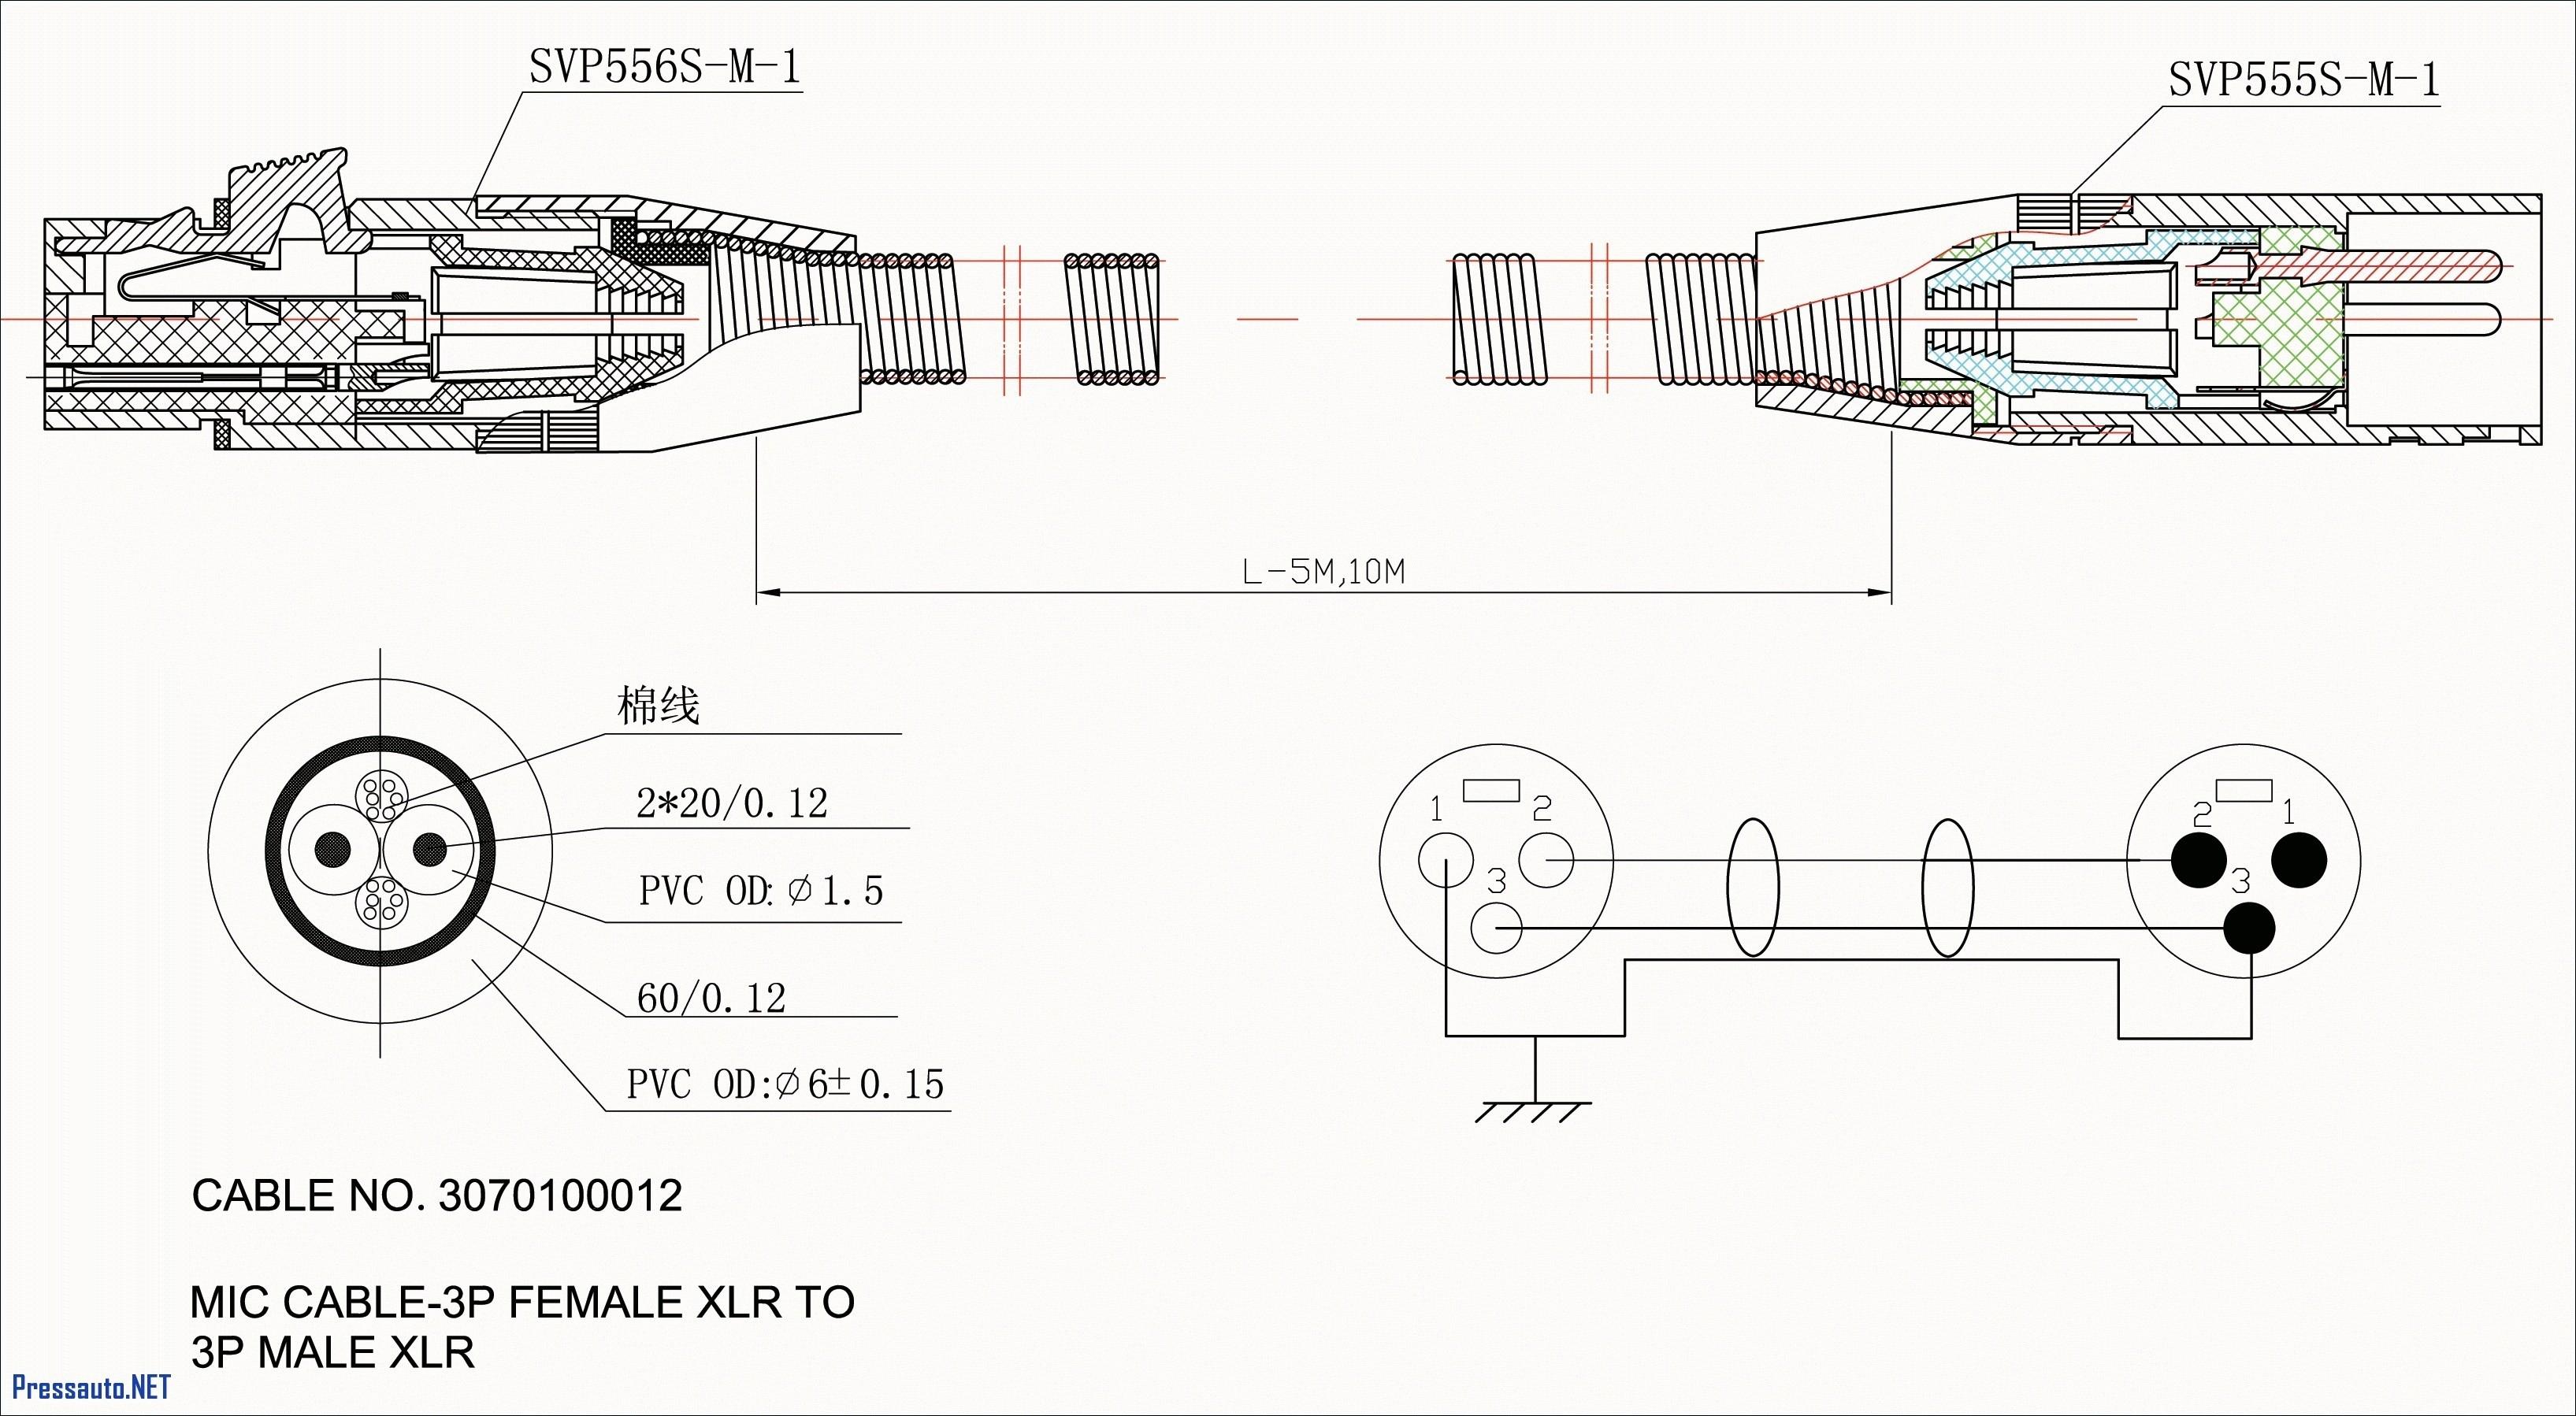 Third Brake Light Wiring Diagram Third Brake Light Wiring Diagram Elegant Wiring Diagram Keystone Of Third Brake Light Wiring Diagram